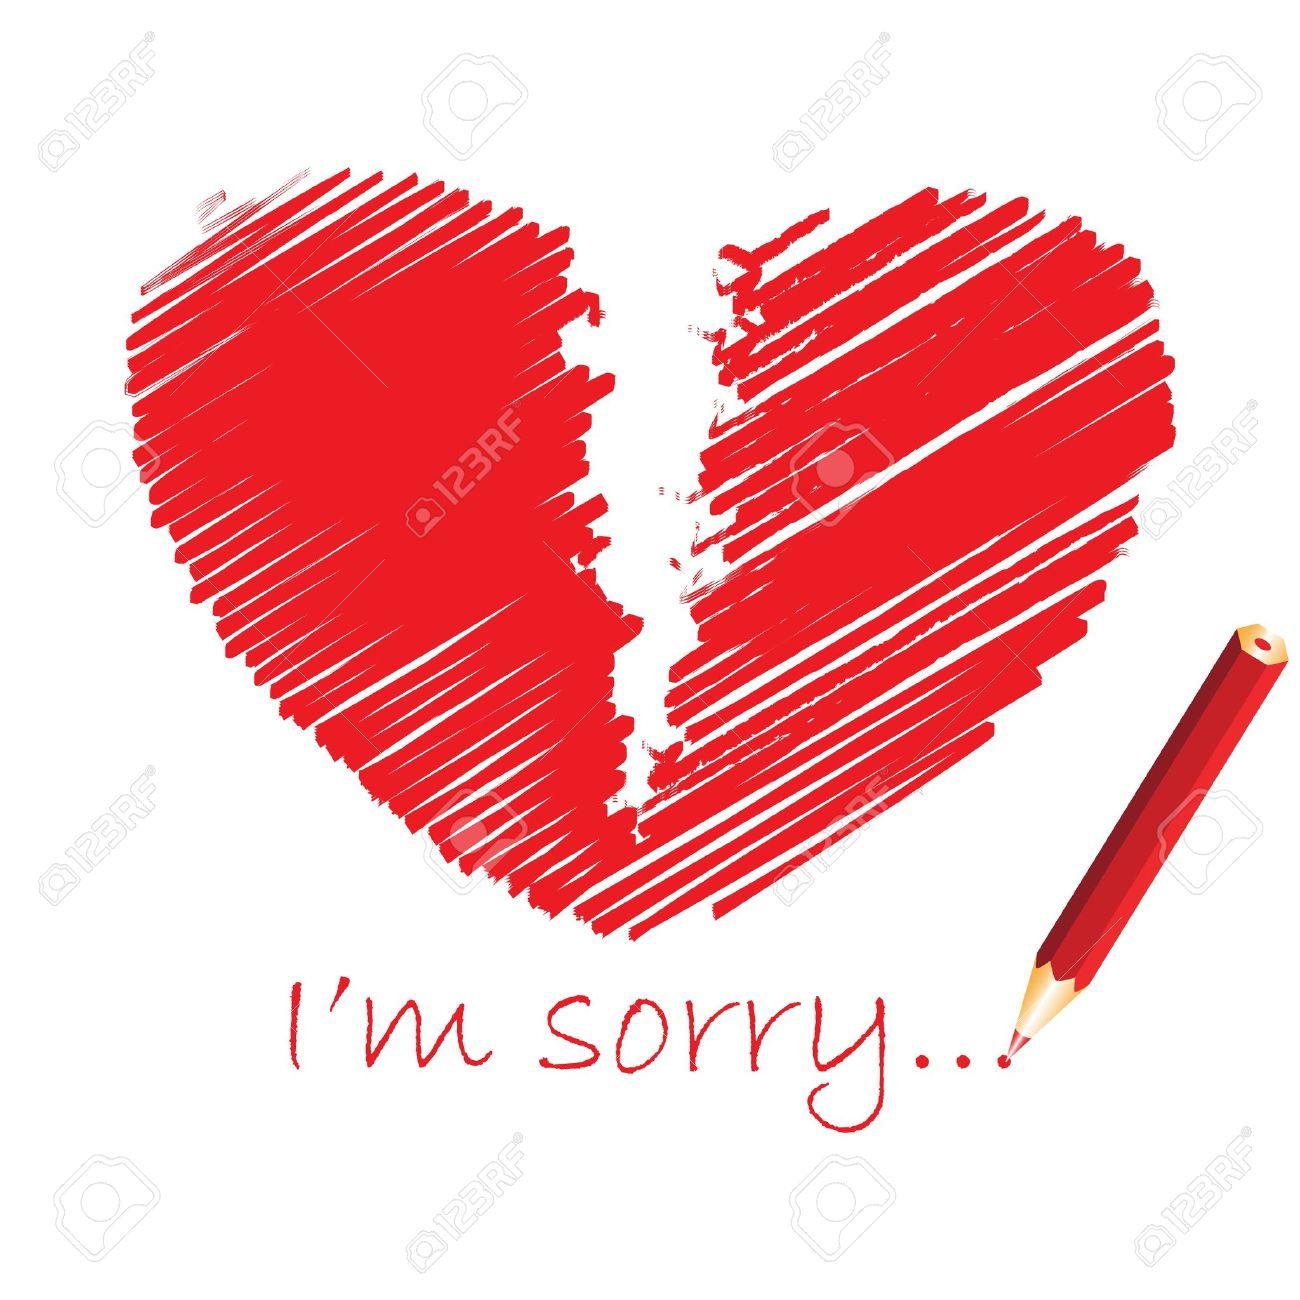 Red broken heart, vector illustration - 9542856